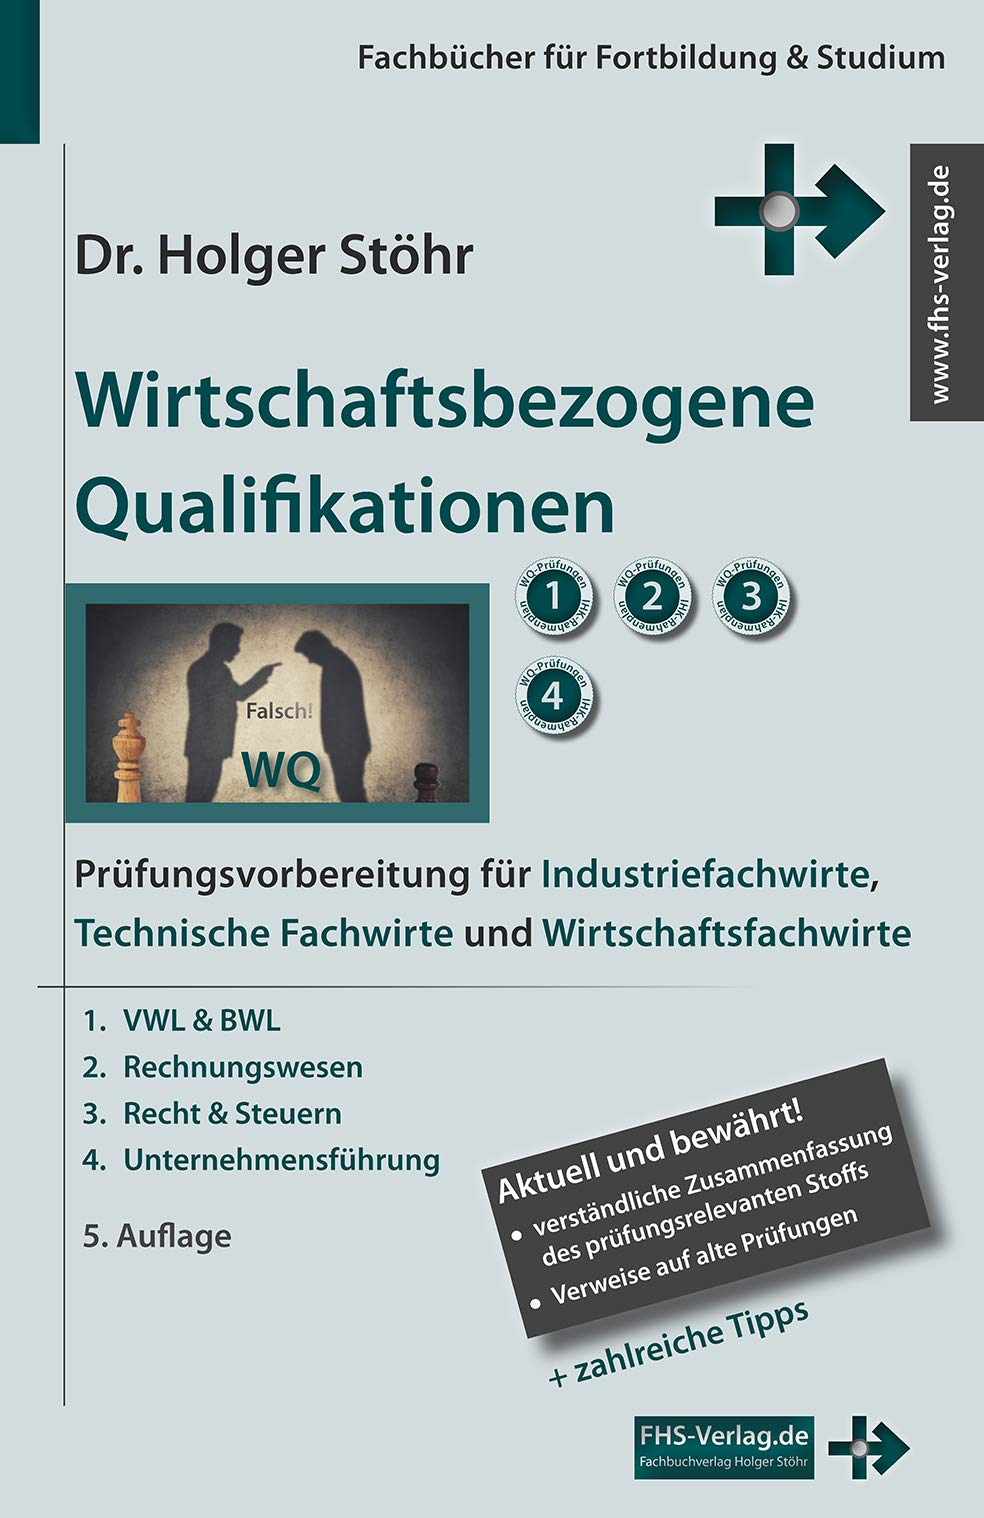 Wirtschaftsbezogene Qualifikationen  Prüfungsvorbereitung Für Industriefachwirte Technische Fachwirte Und Wirtschaftsfachwirte  Fachbücher Für Fortbildung And Studium